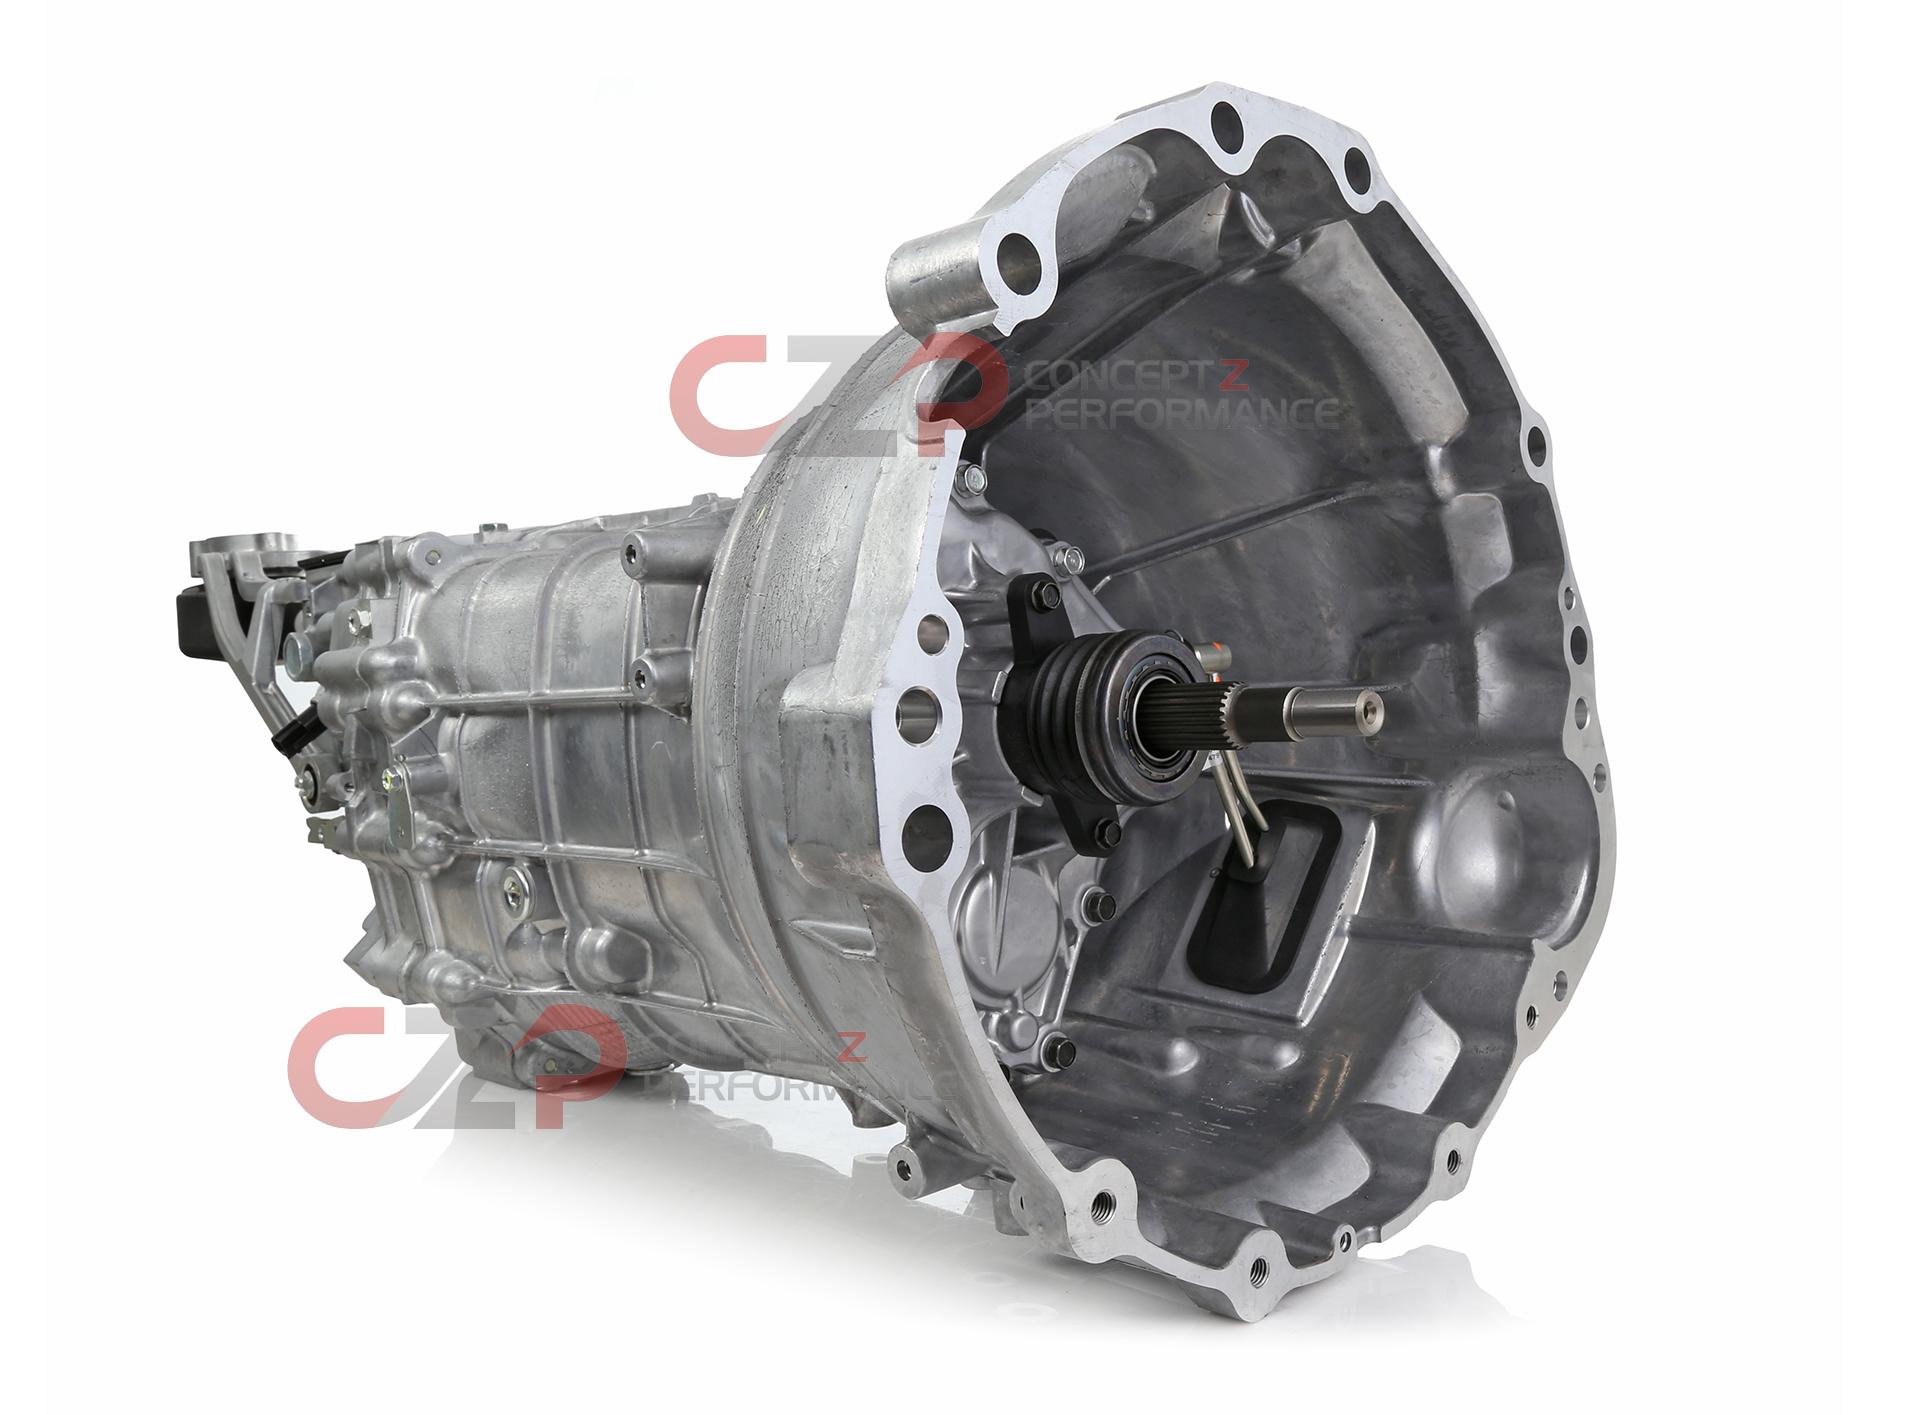 Nissan / Infiniti Infiniti OEM 32010-JK41A Manual Transmission Assembly - Infiniti  G35 07-08, G37 09-14 & Q40 2015 Sedan V36 / G37 08-13 & Q60 14-15 Coupe ...